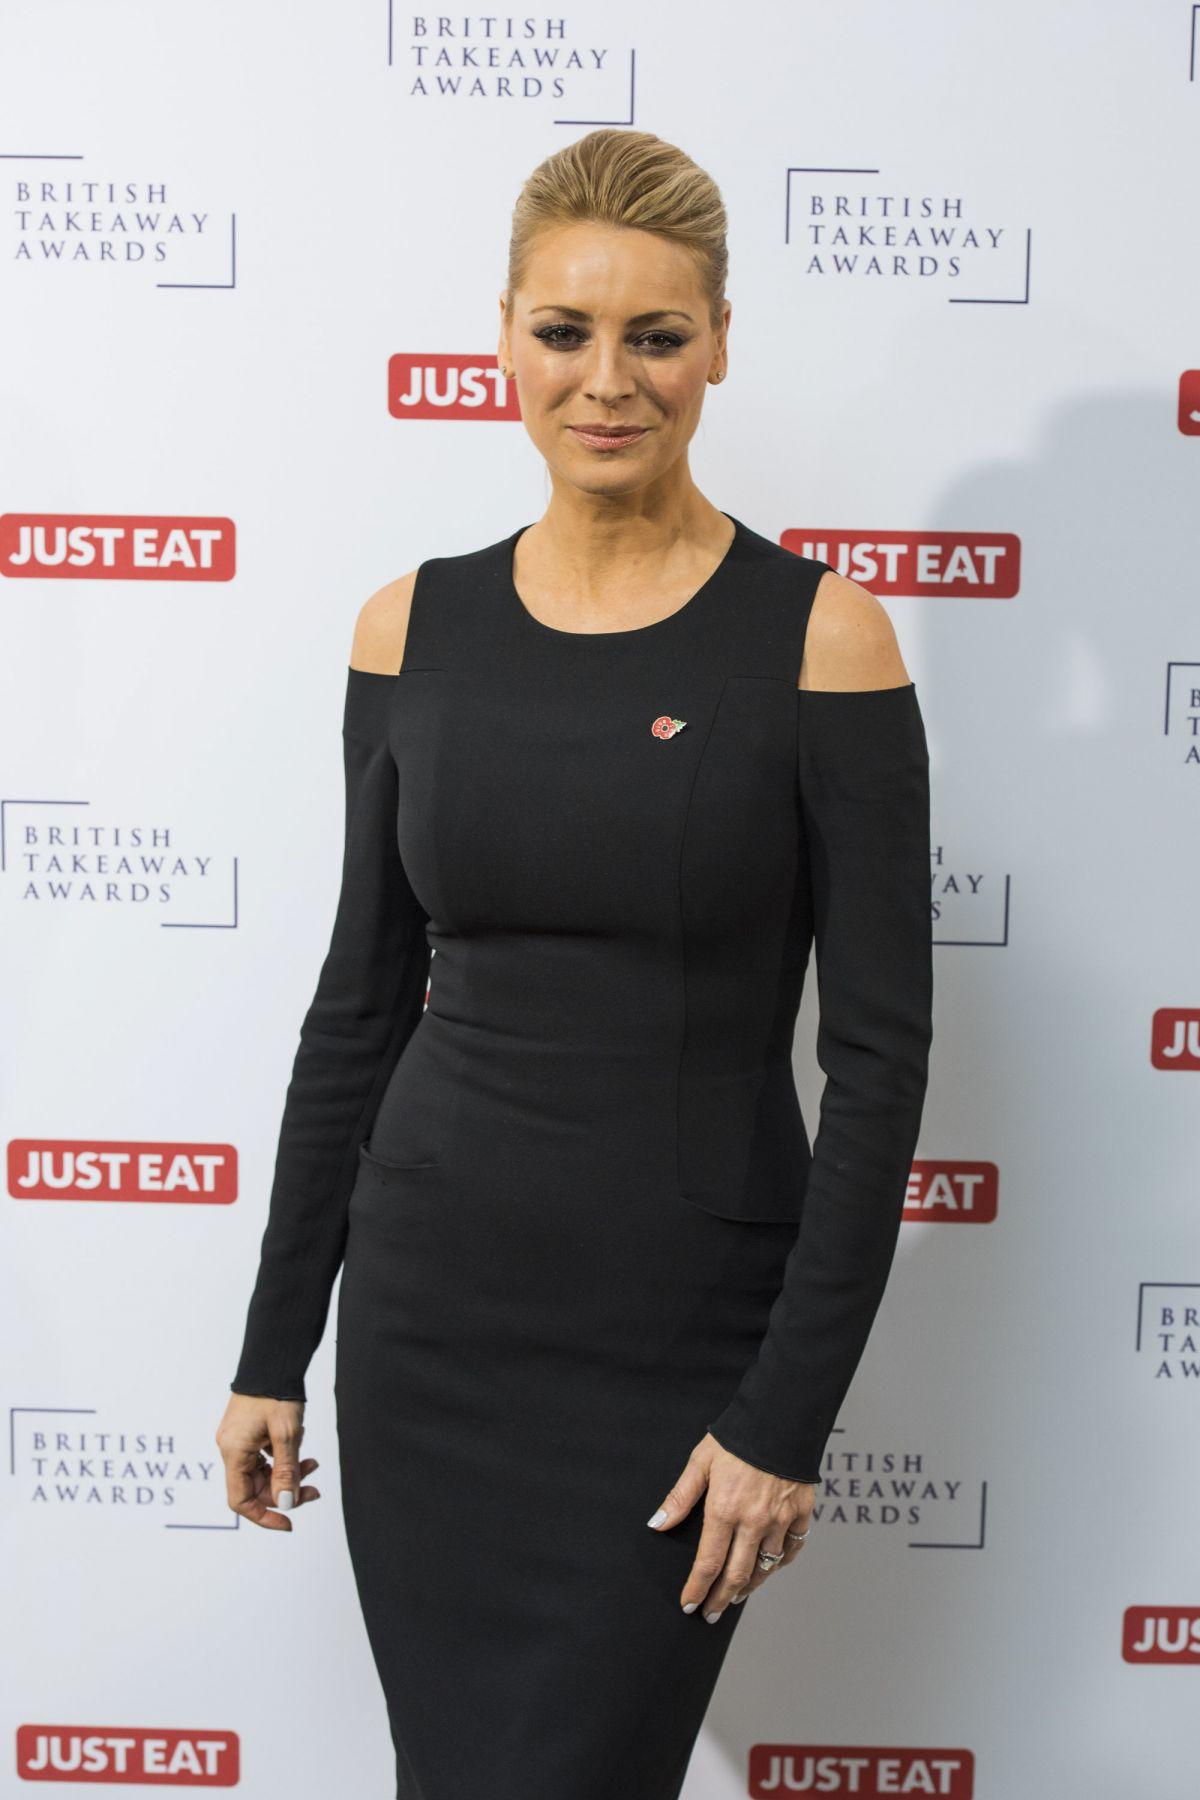 TESS DALY at British Takeaway Awards 2015 in London 11/09/2015